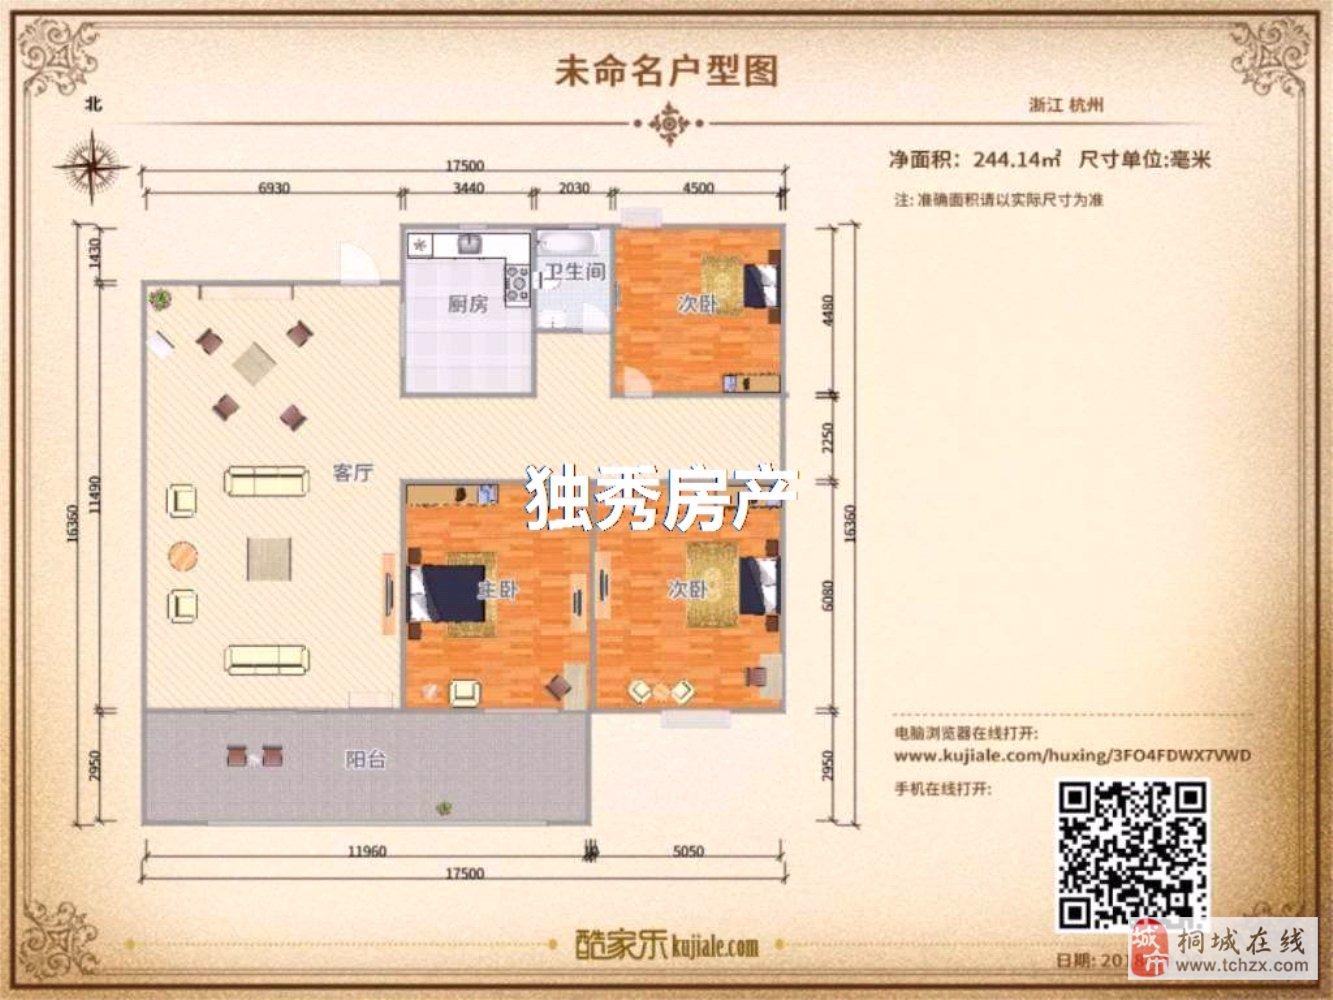 3室2厅1卫64万元中辰书香里